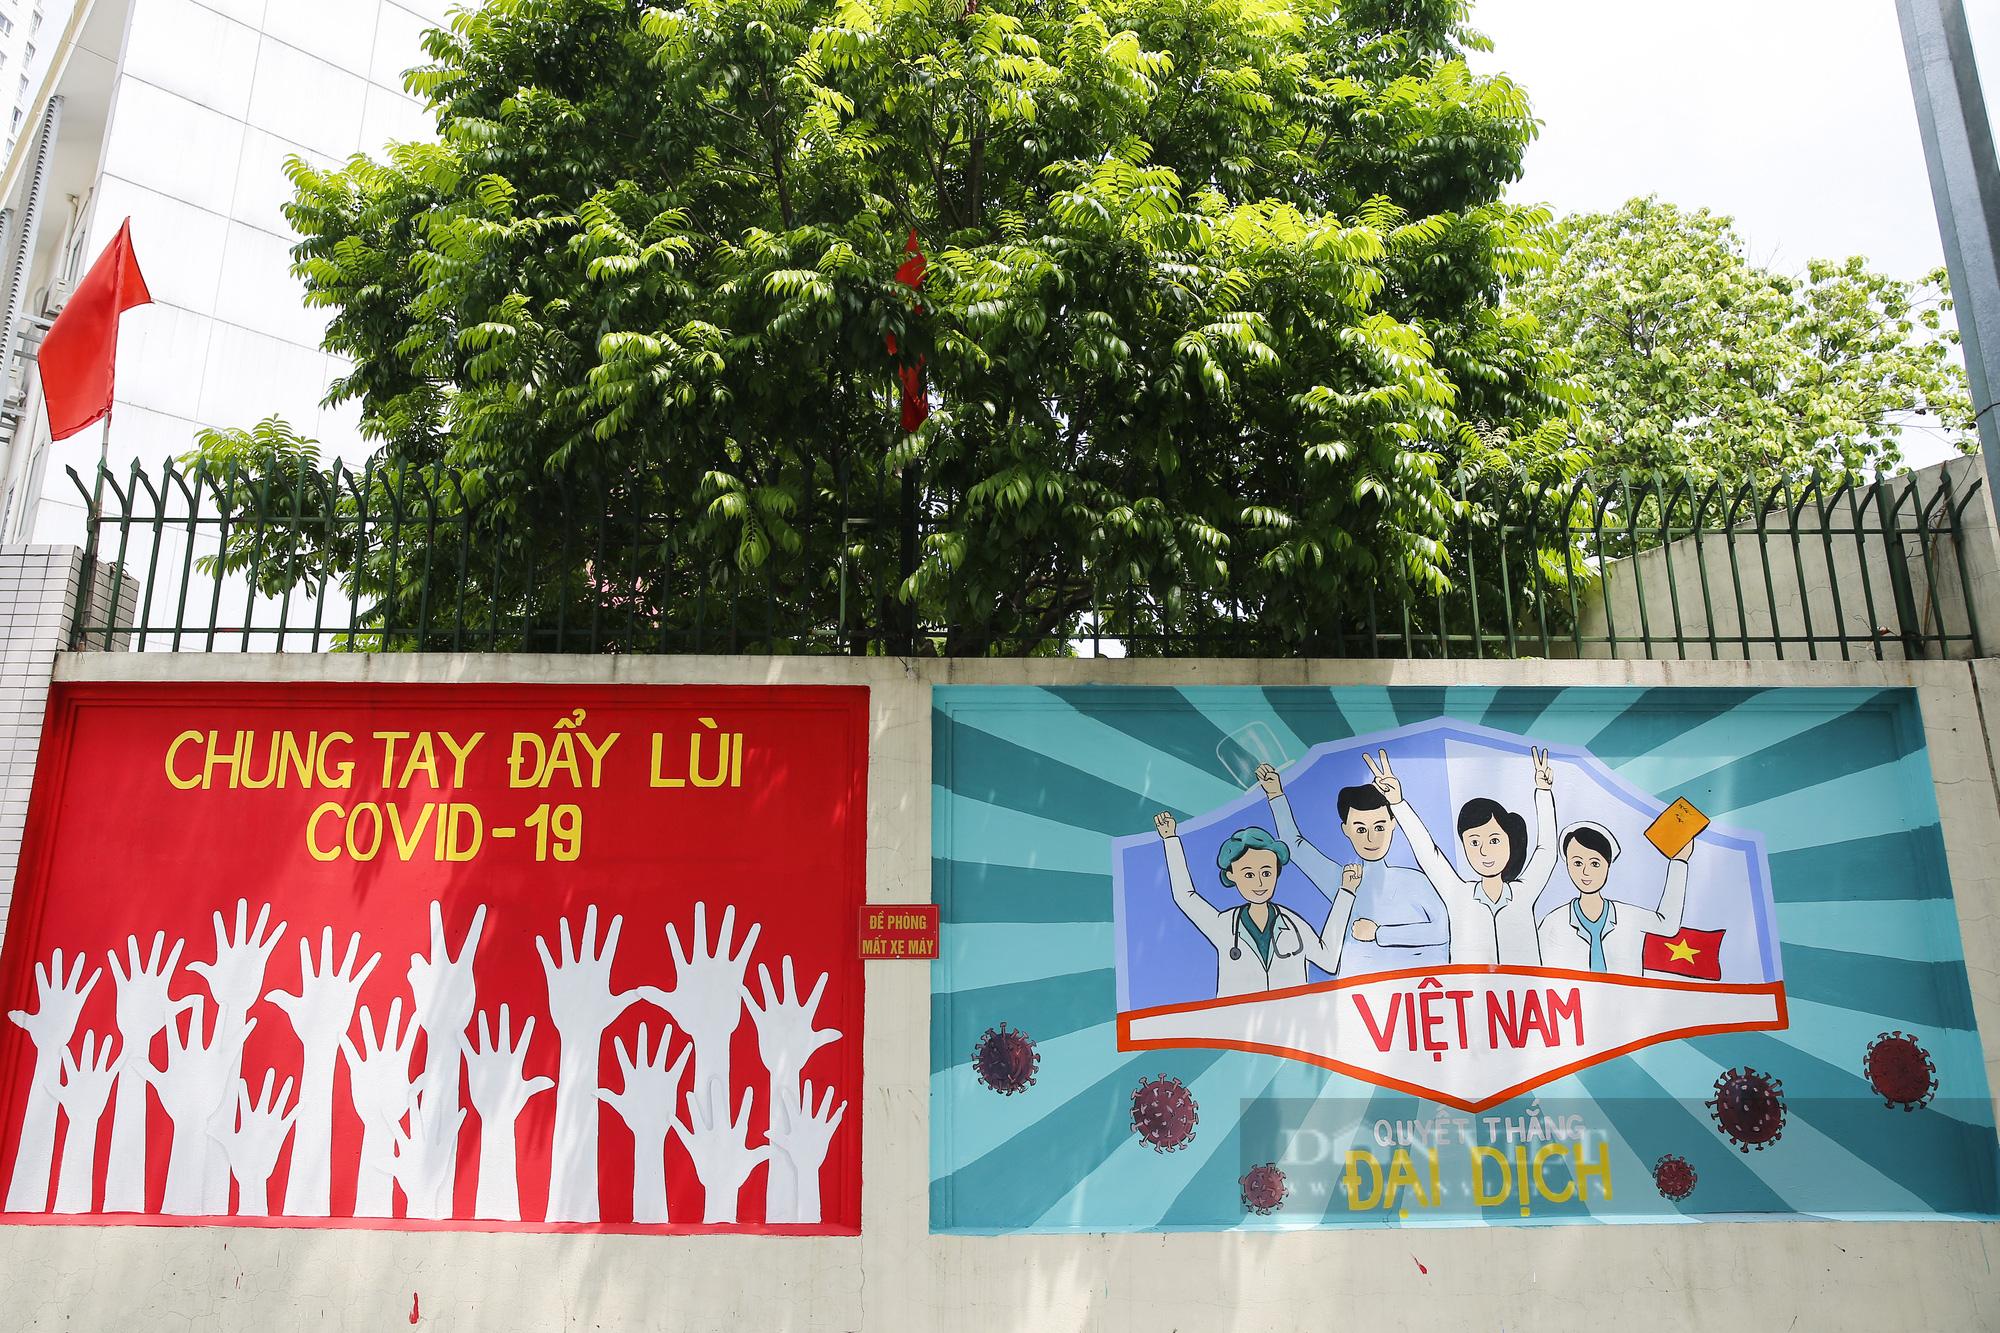 Đường phố Hà Nội xuất hiện những thông điệp tiếp thêm sức mạnh trong công tác phòng, chống Covid-19  - Ảnh 2.